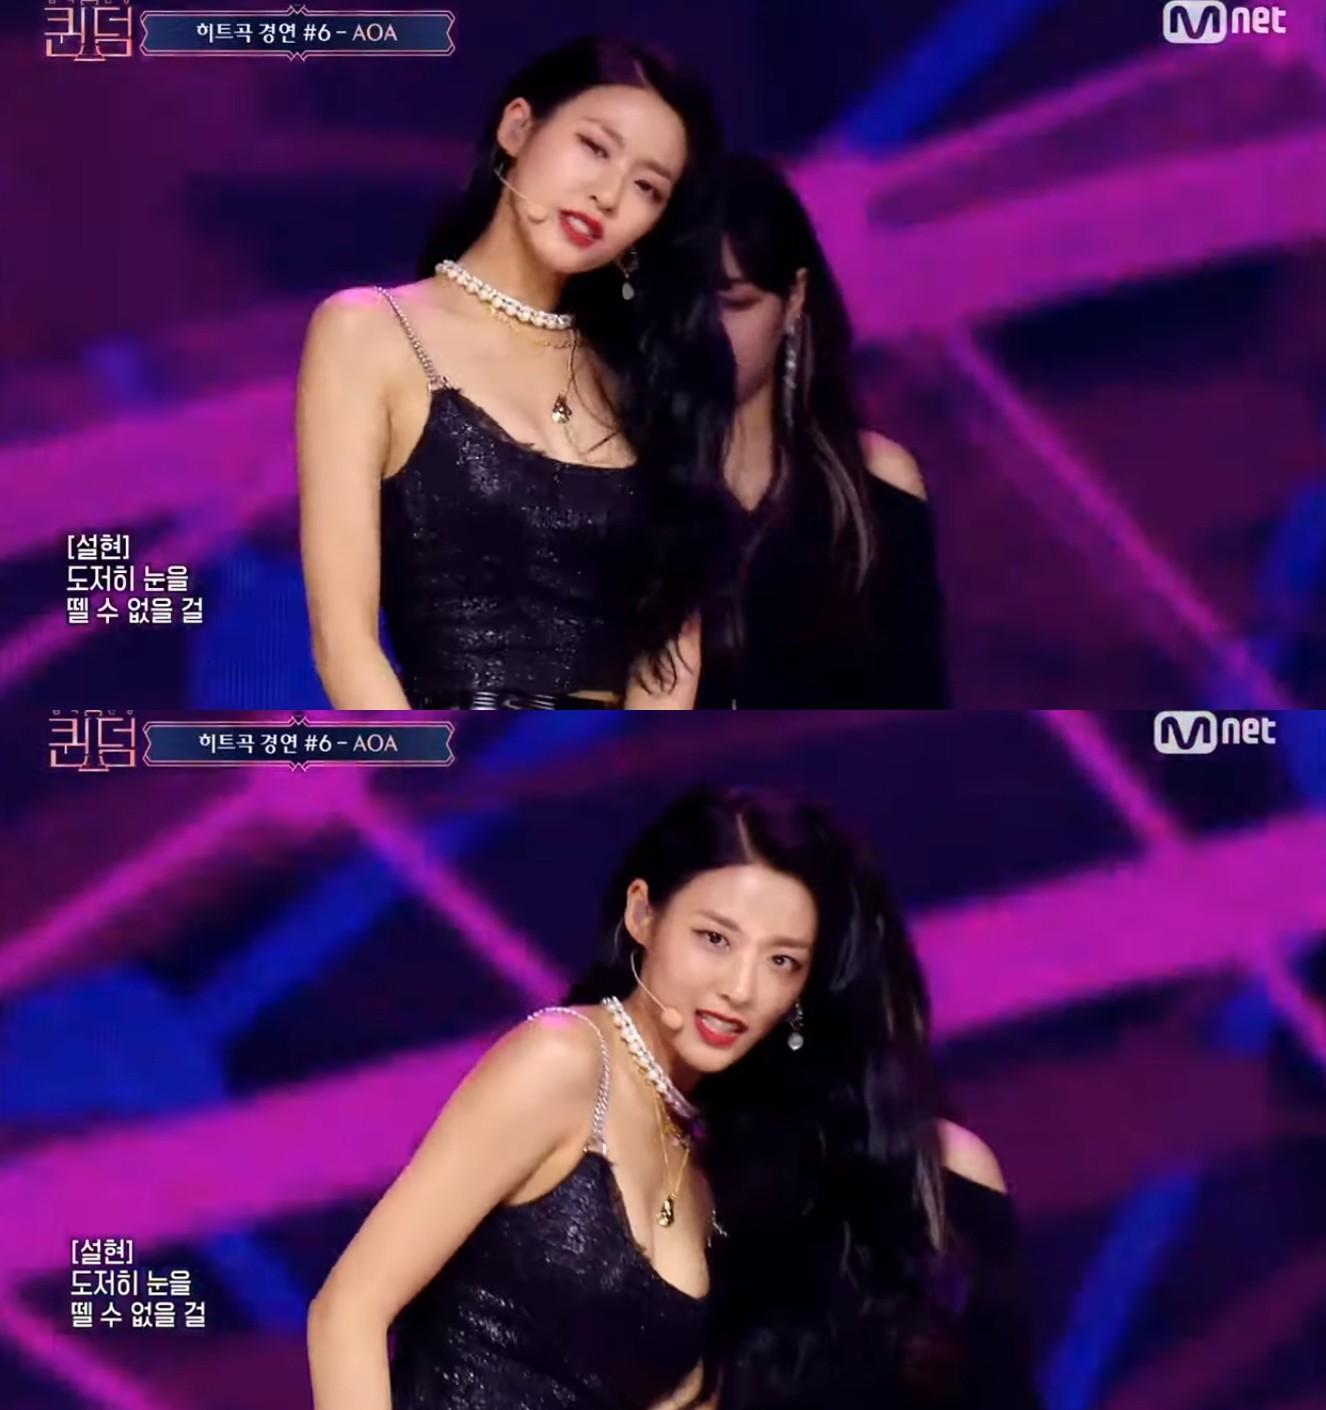 ▲雪炫小露性感胸線。(圖/翻攝自Mnet K-POP YouTube)